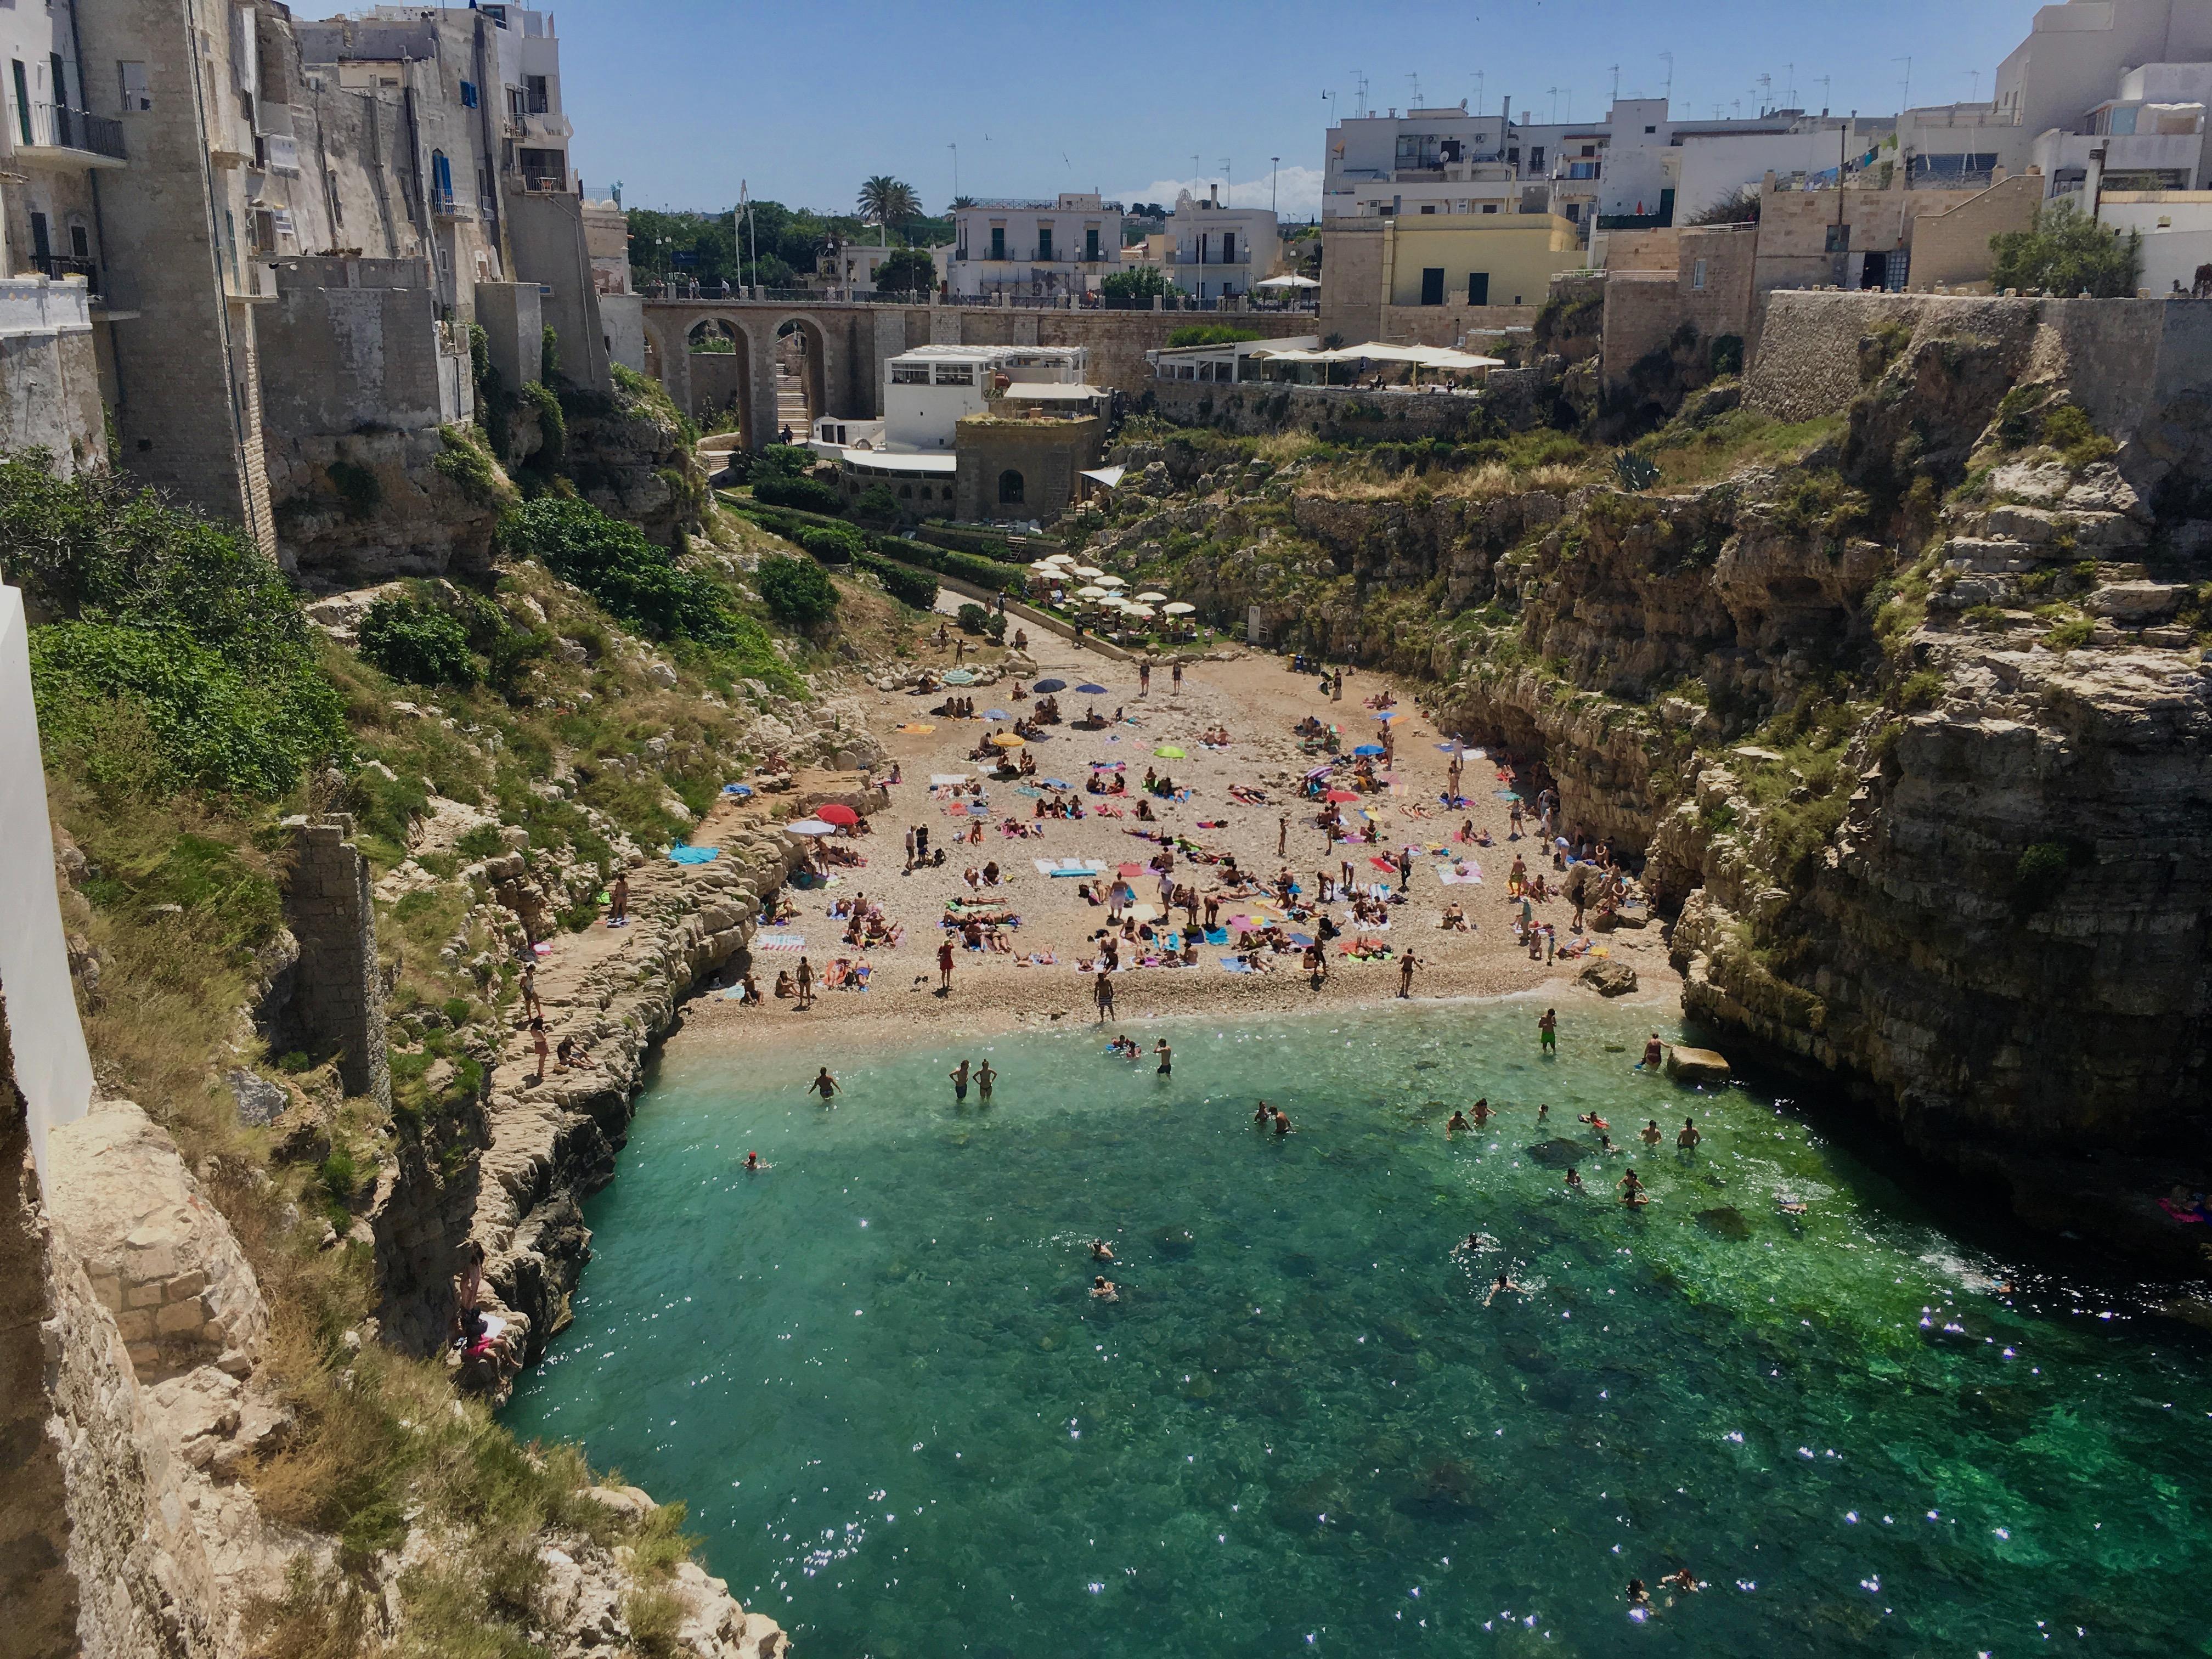 Apulia najciekawsze miejsca, plaża w Polignano a Mare